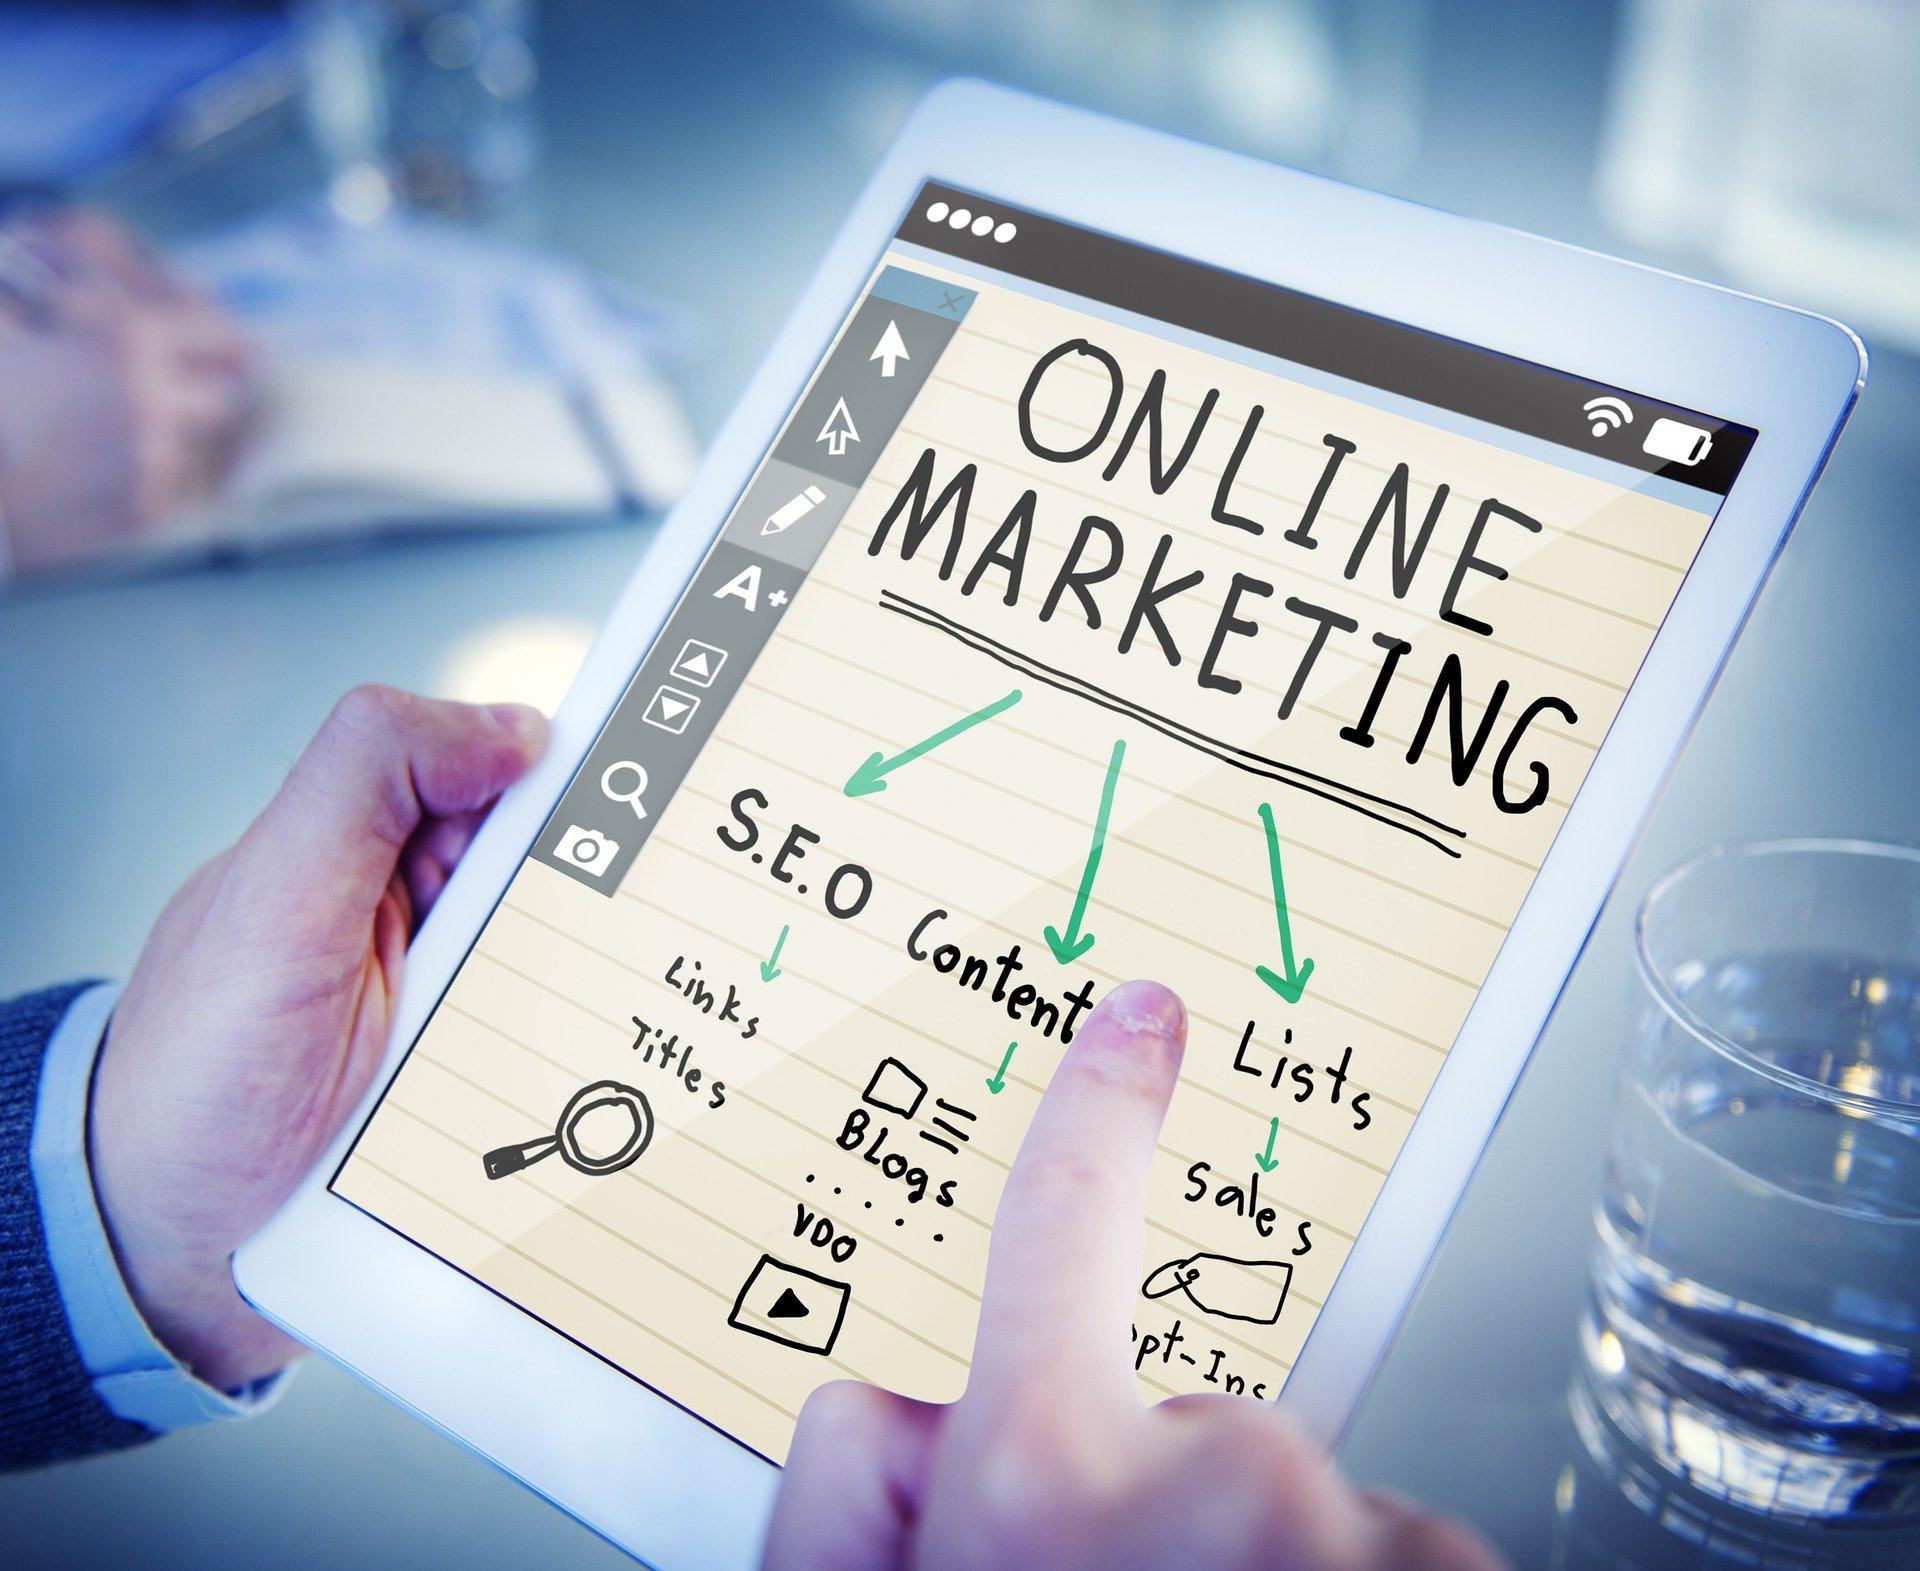 Cosas extras que debes conocer para estar completamente informado acerca de las estrategias de marketing digital